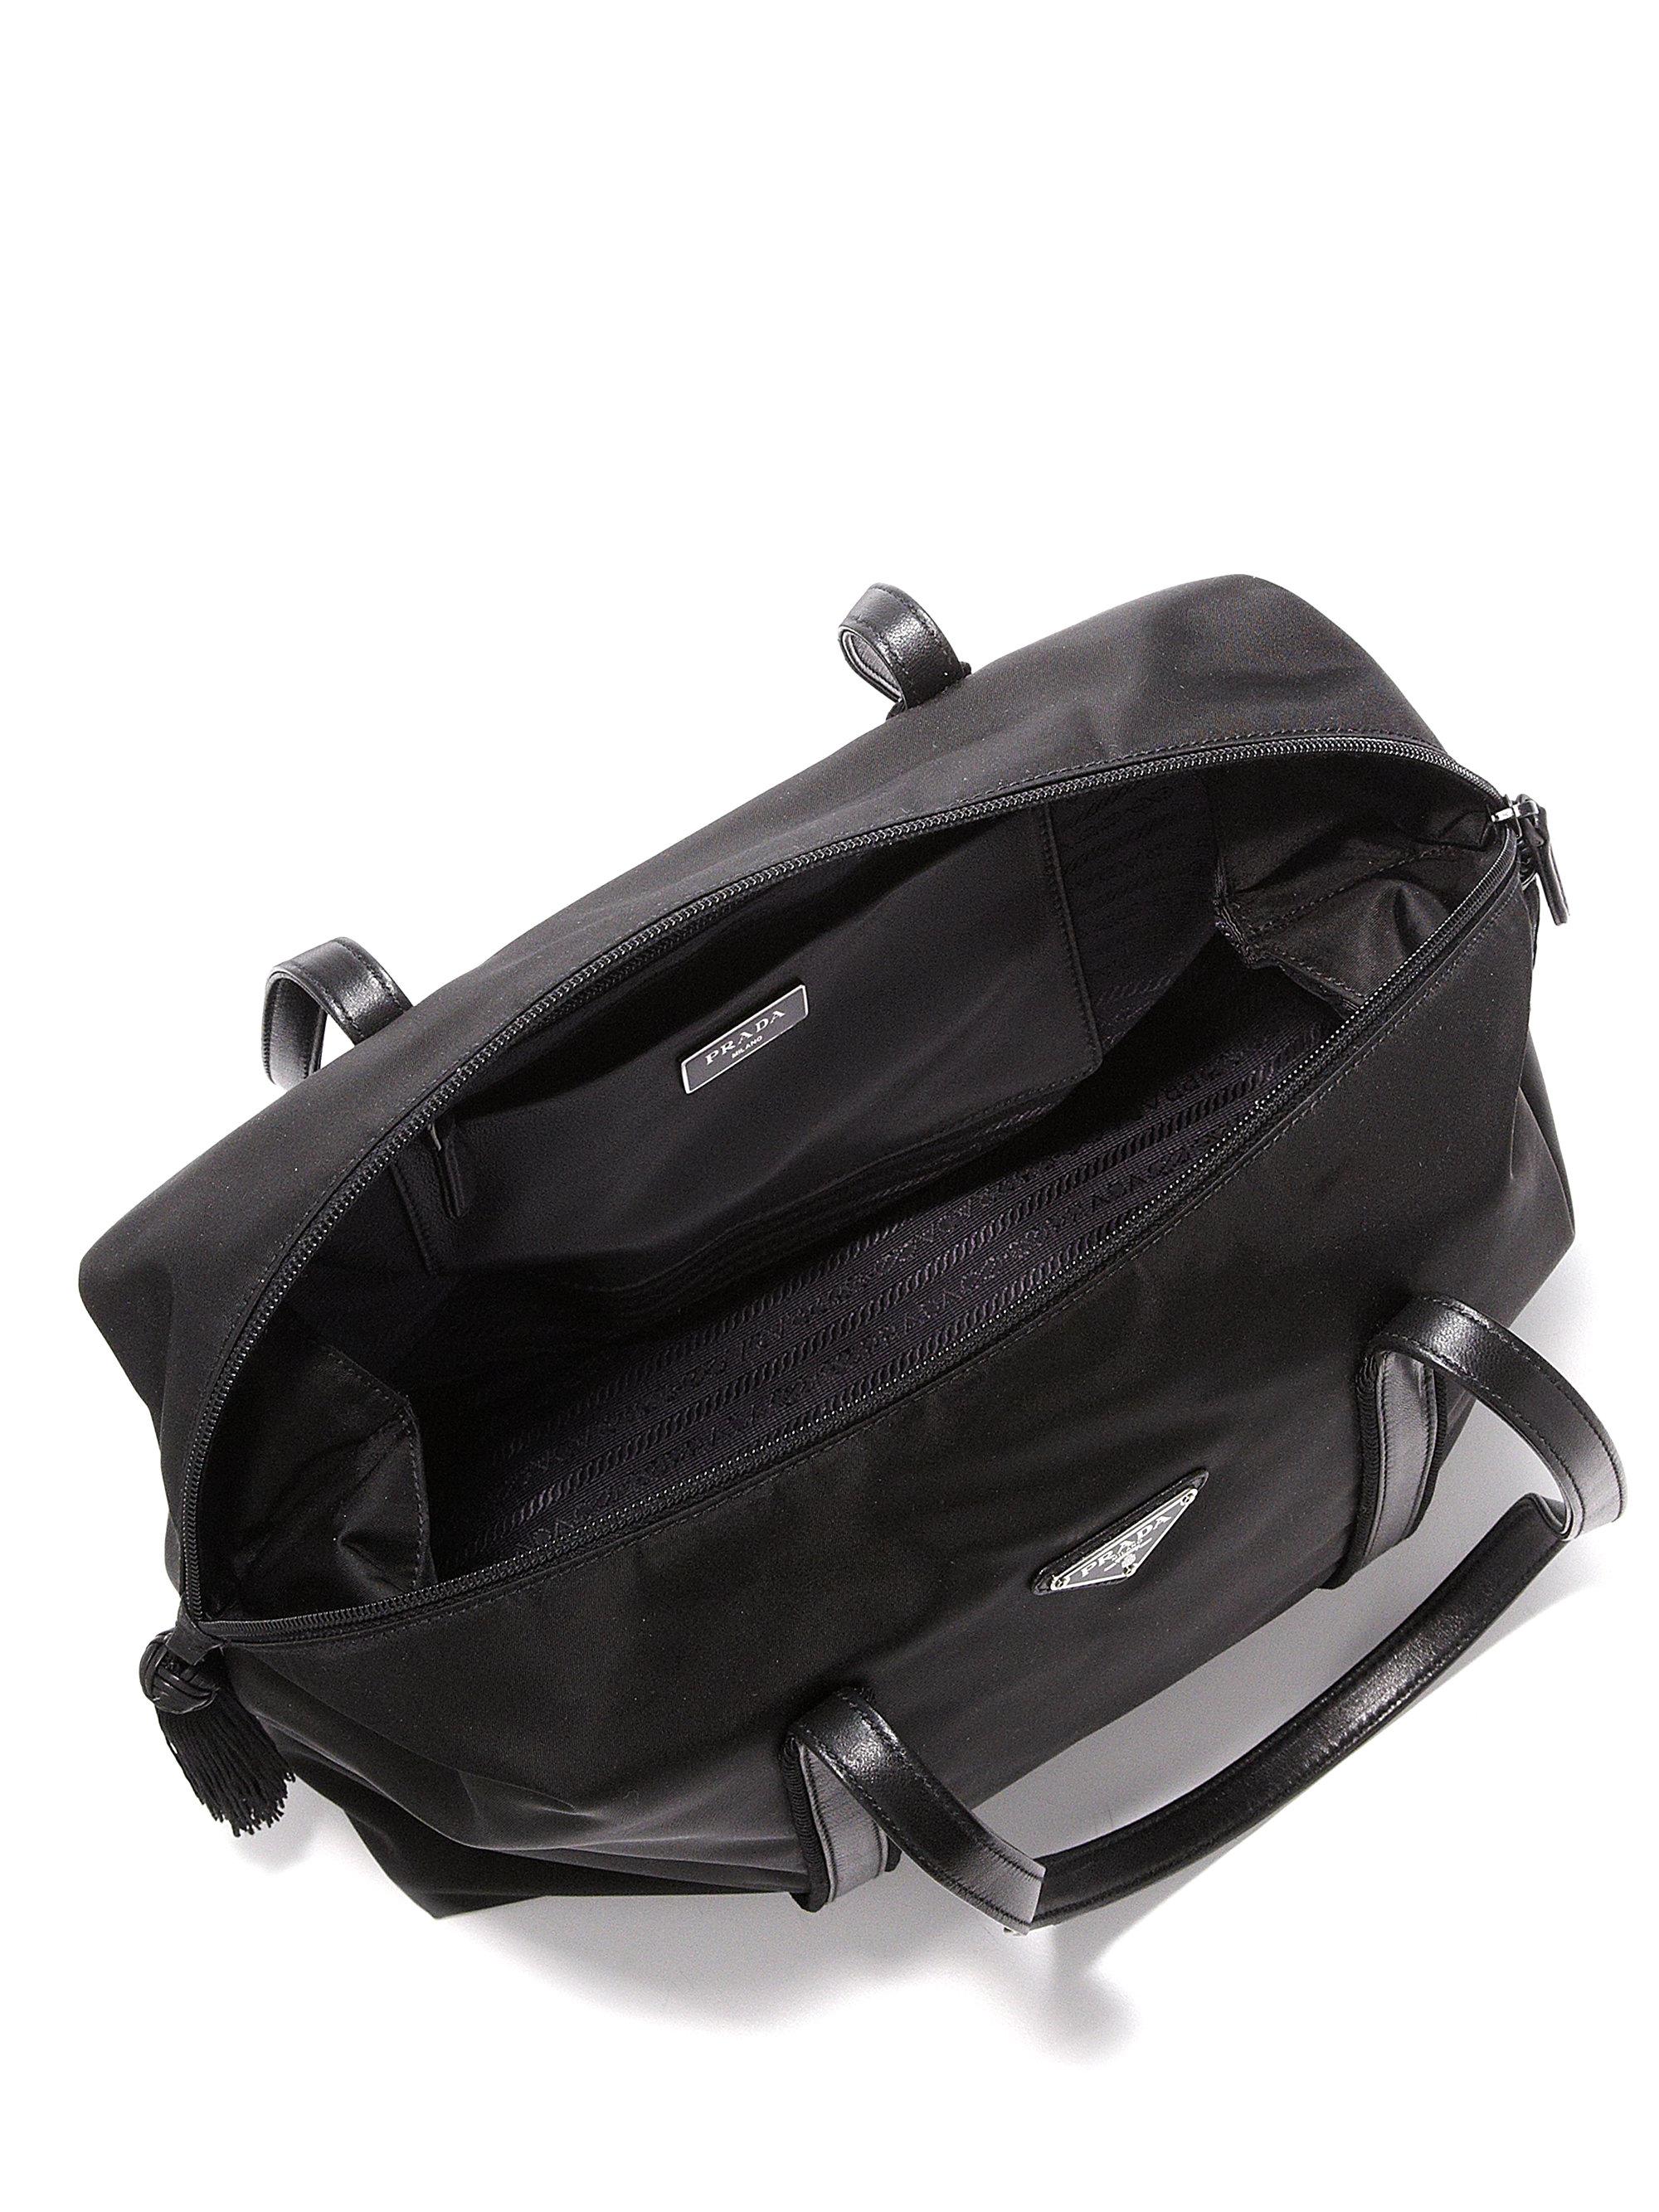 prada replica handbags wholesale - Prada Nylon \u0026amp; Calf Leather Tassel Duffle Bag in Black (nero) | Lyst